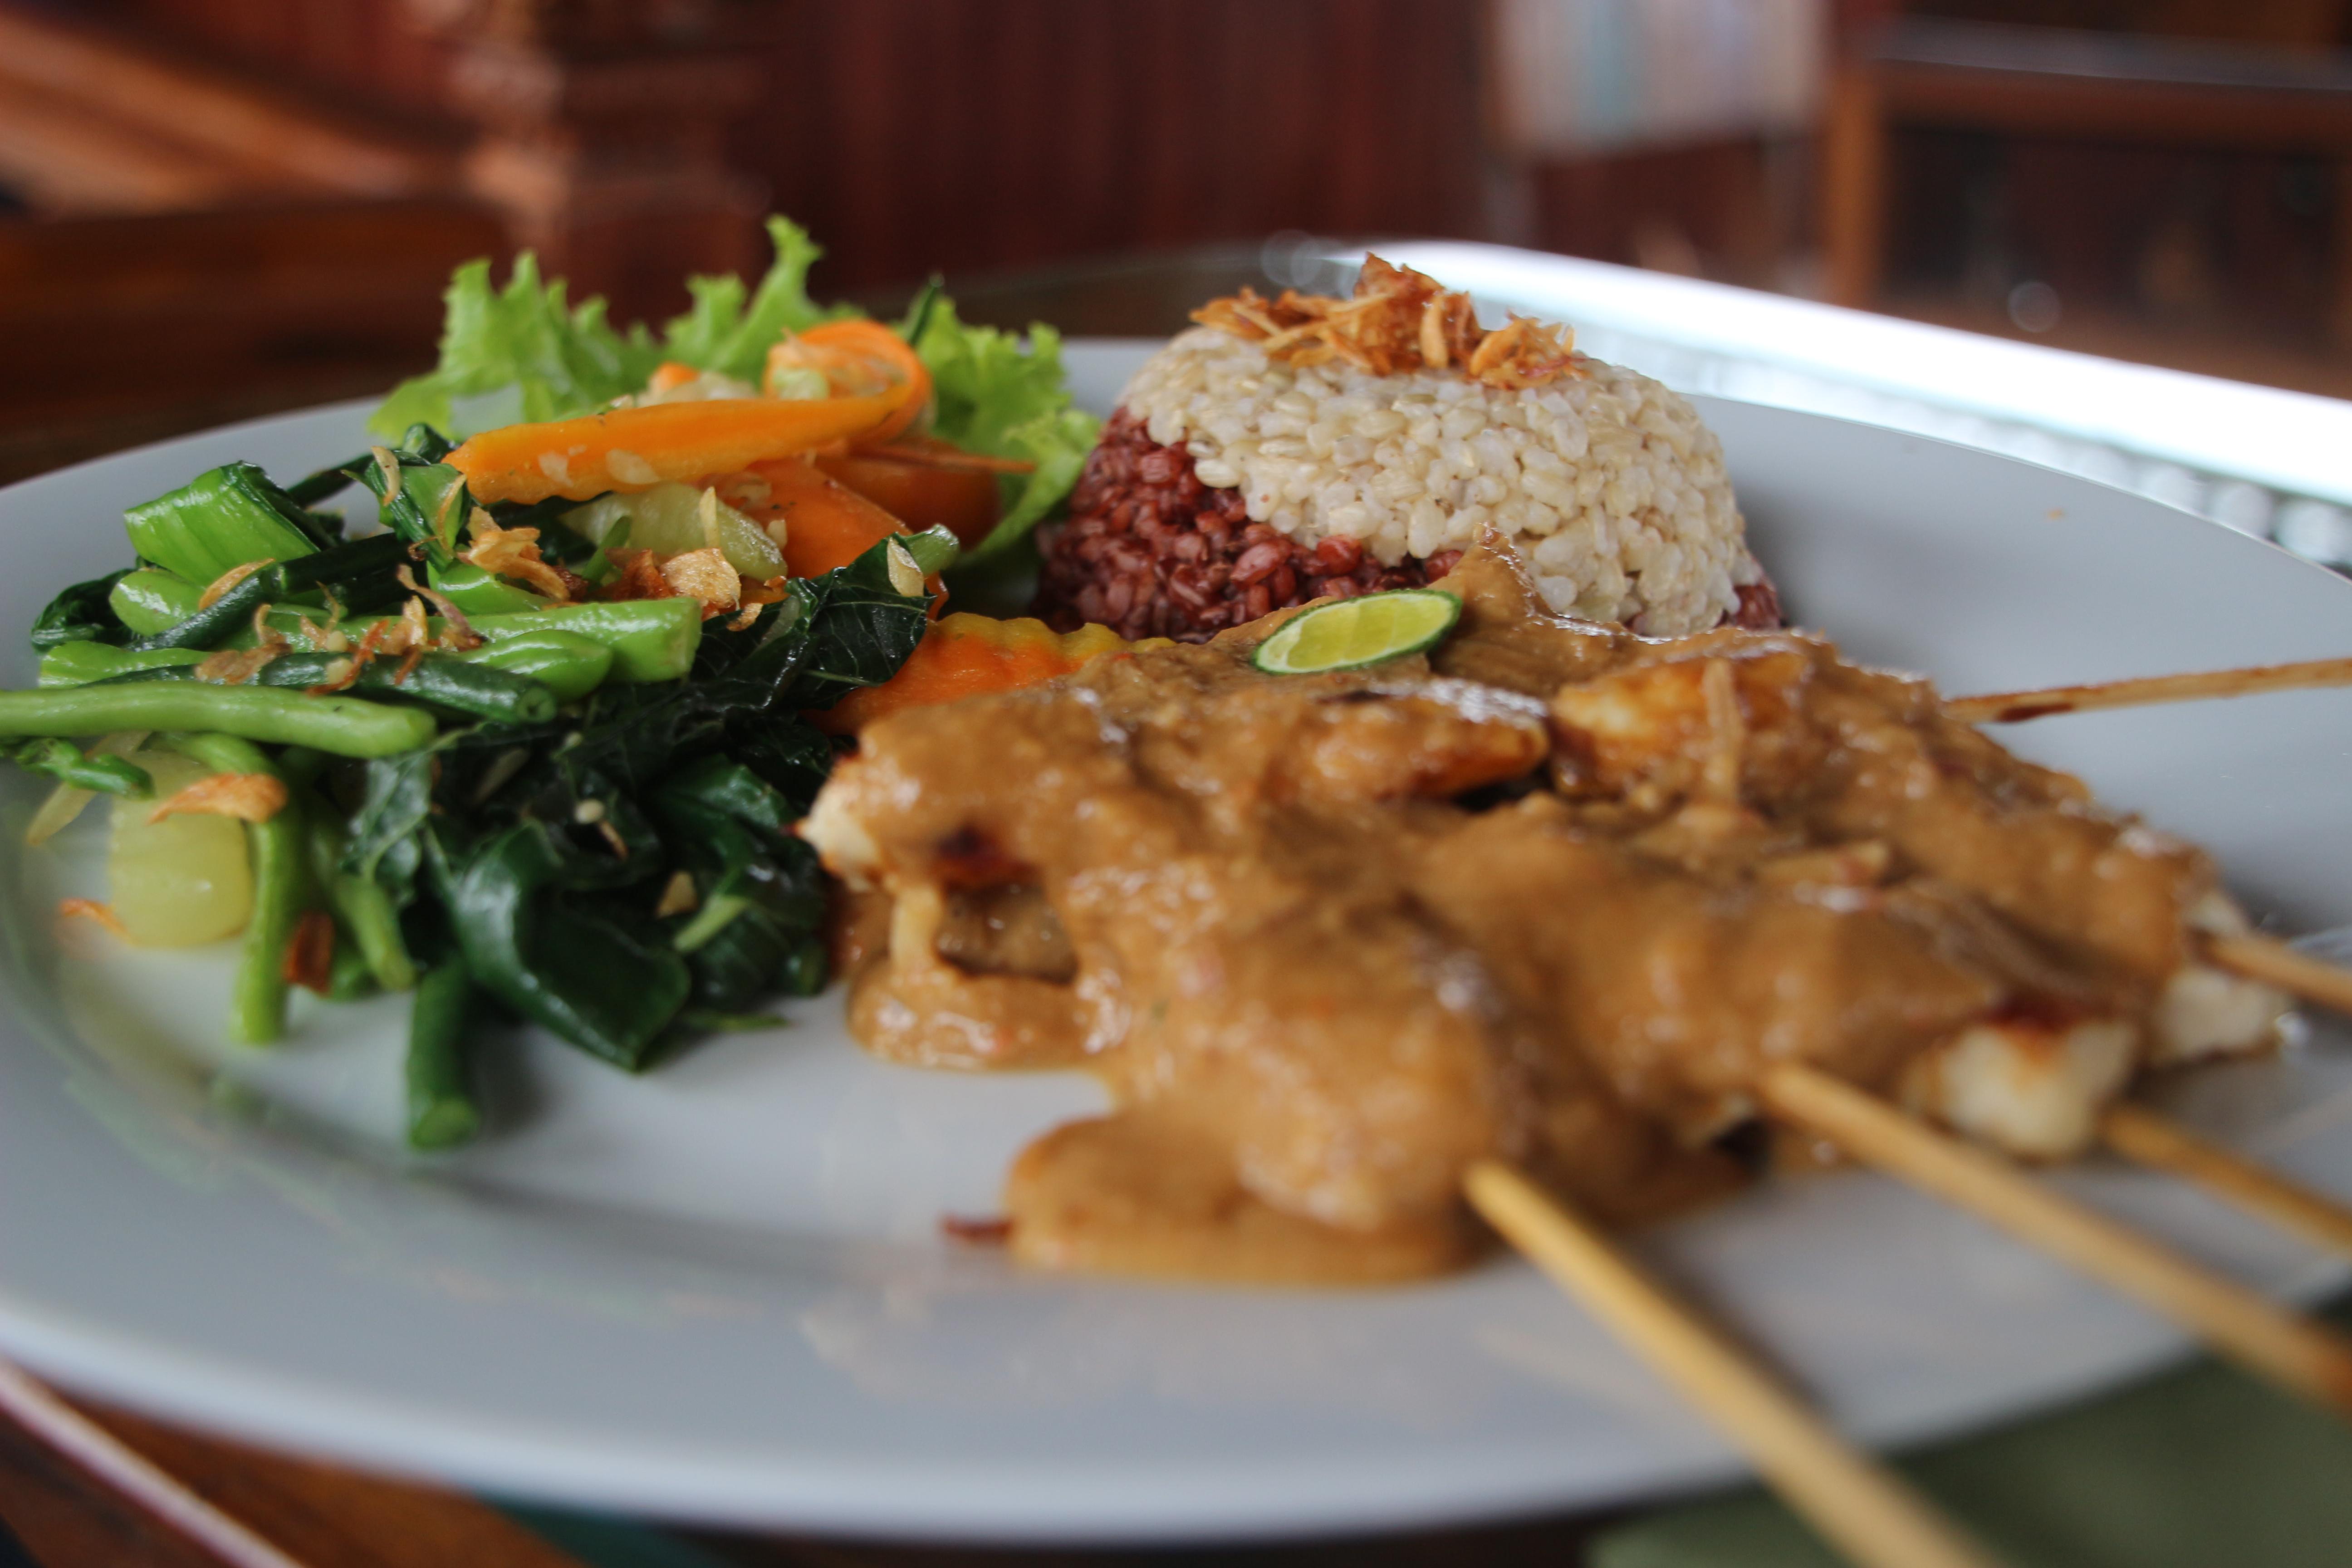 Piščančja nabodala z arašidovo omako, zelenjavo in dvobarvnim rižem.